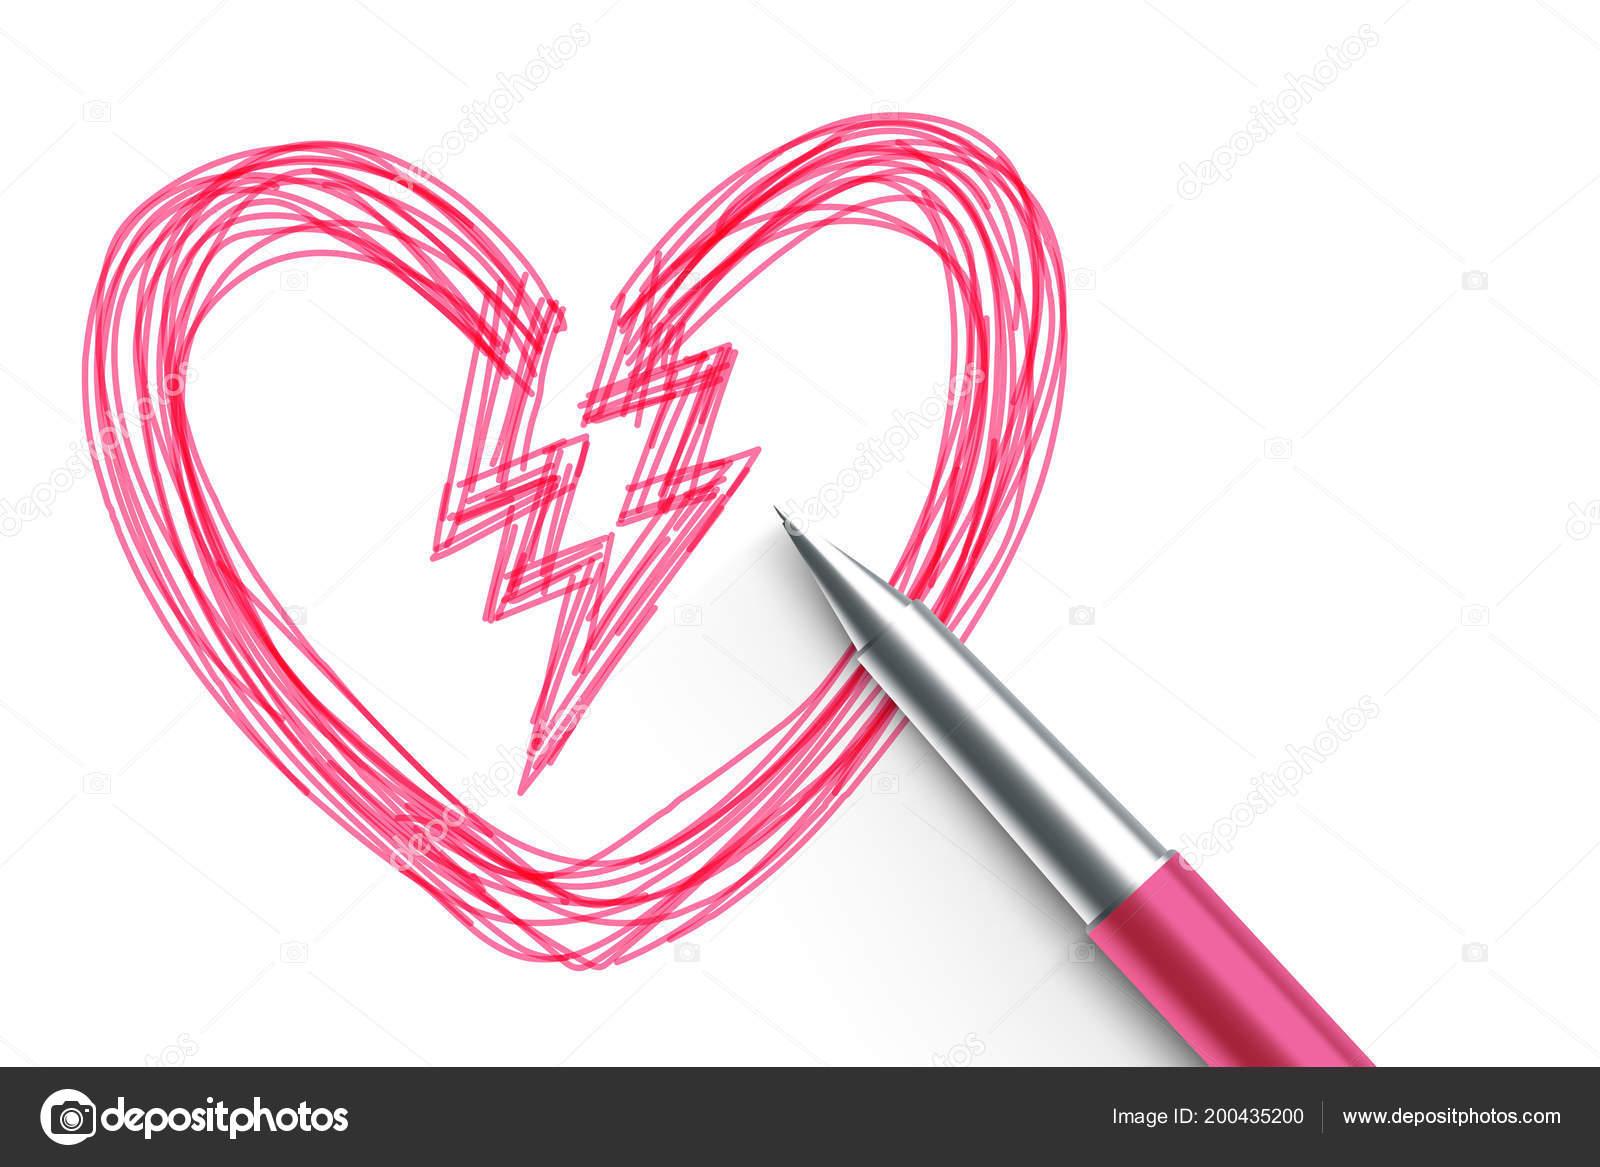 Zlomene Srdce Symbolu Ruka Kresleni Nacrtu Ruzove Barvy Pera